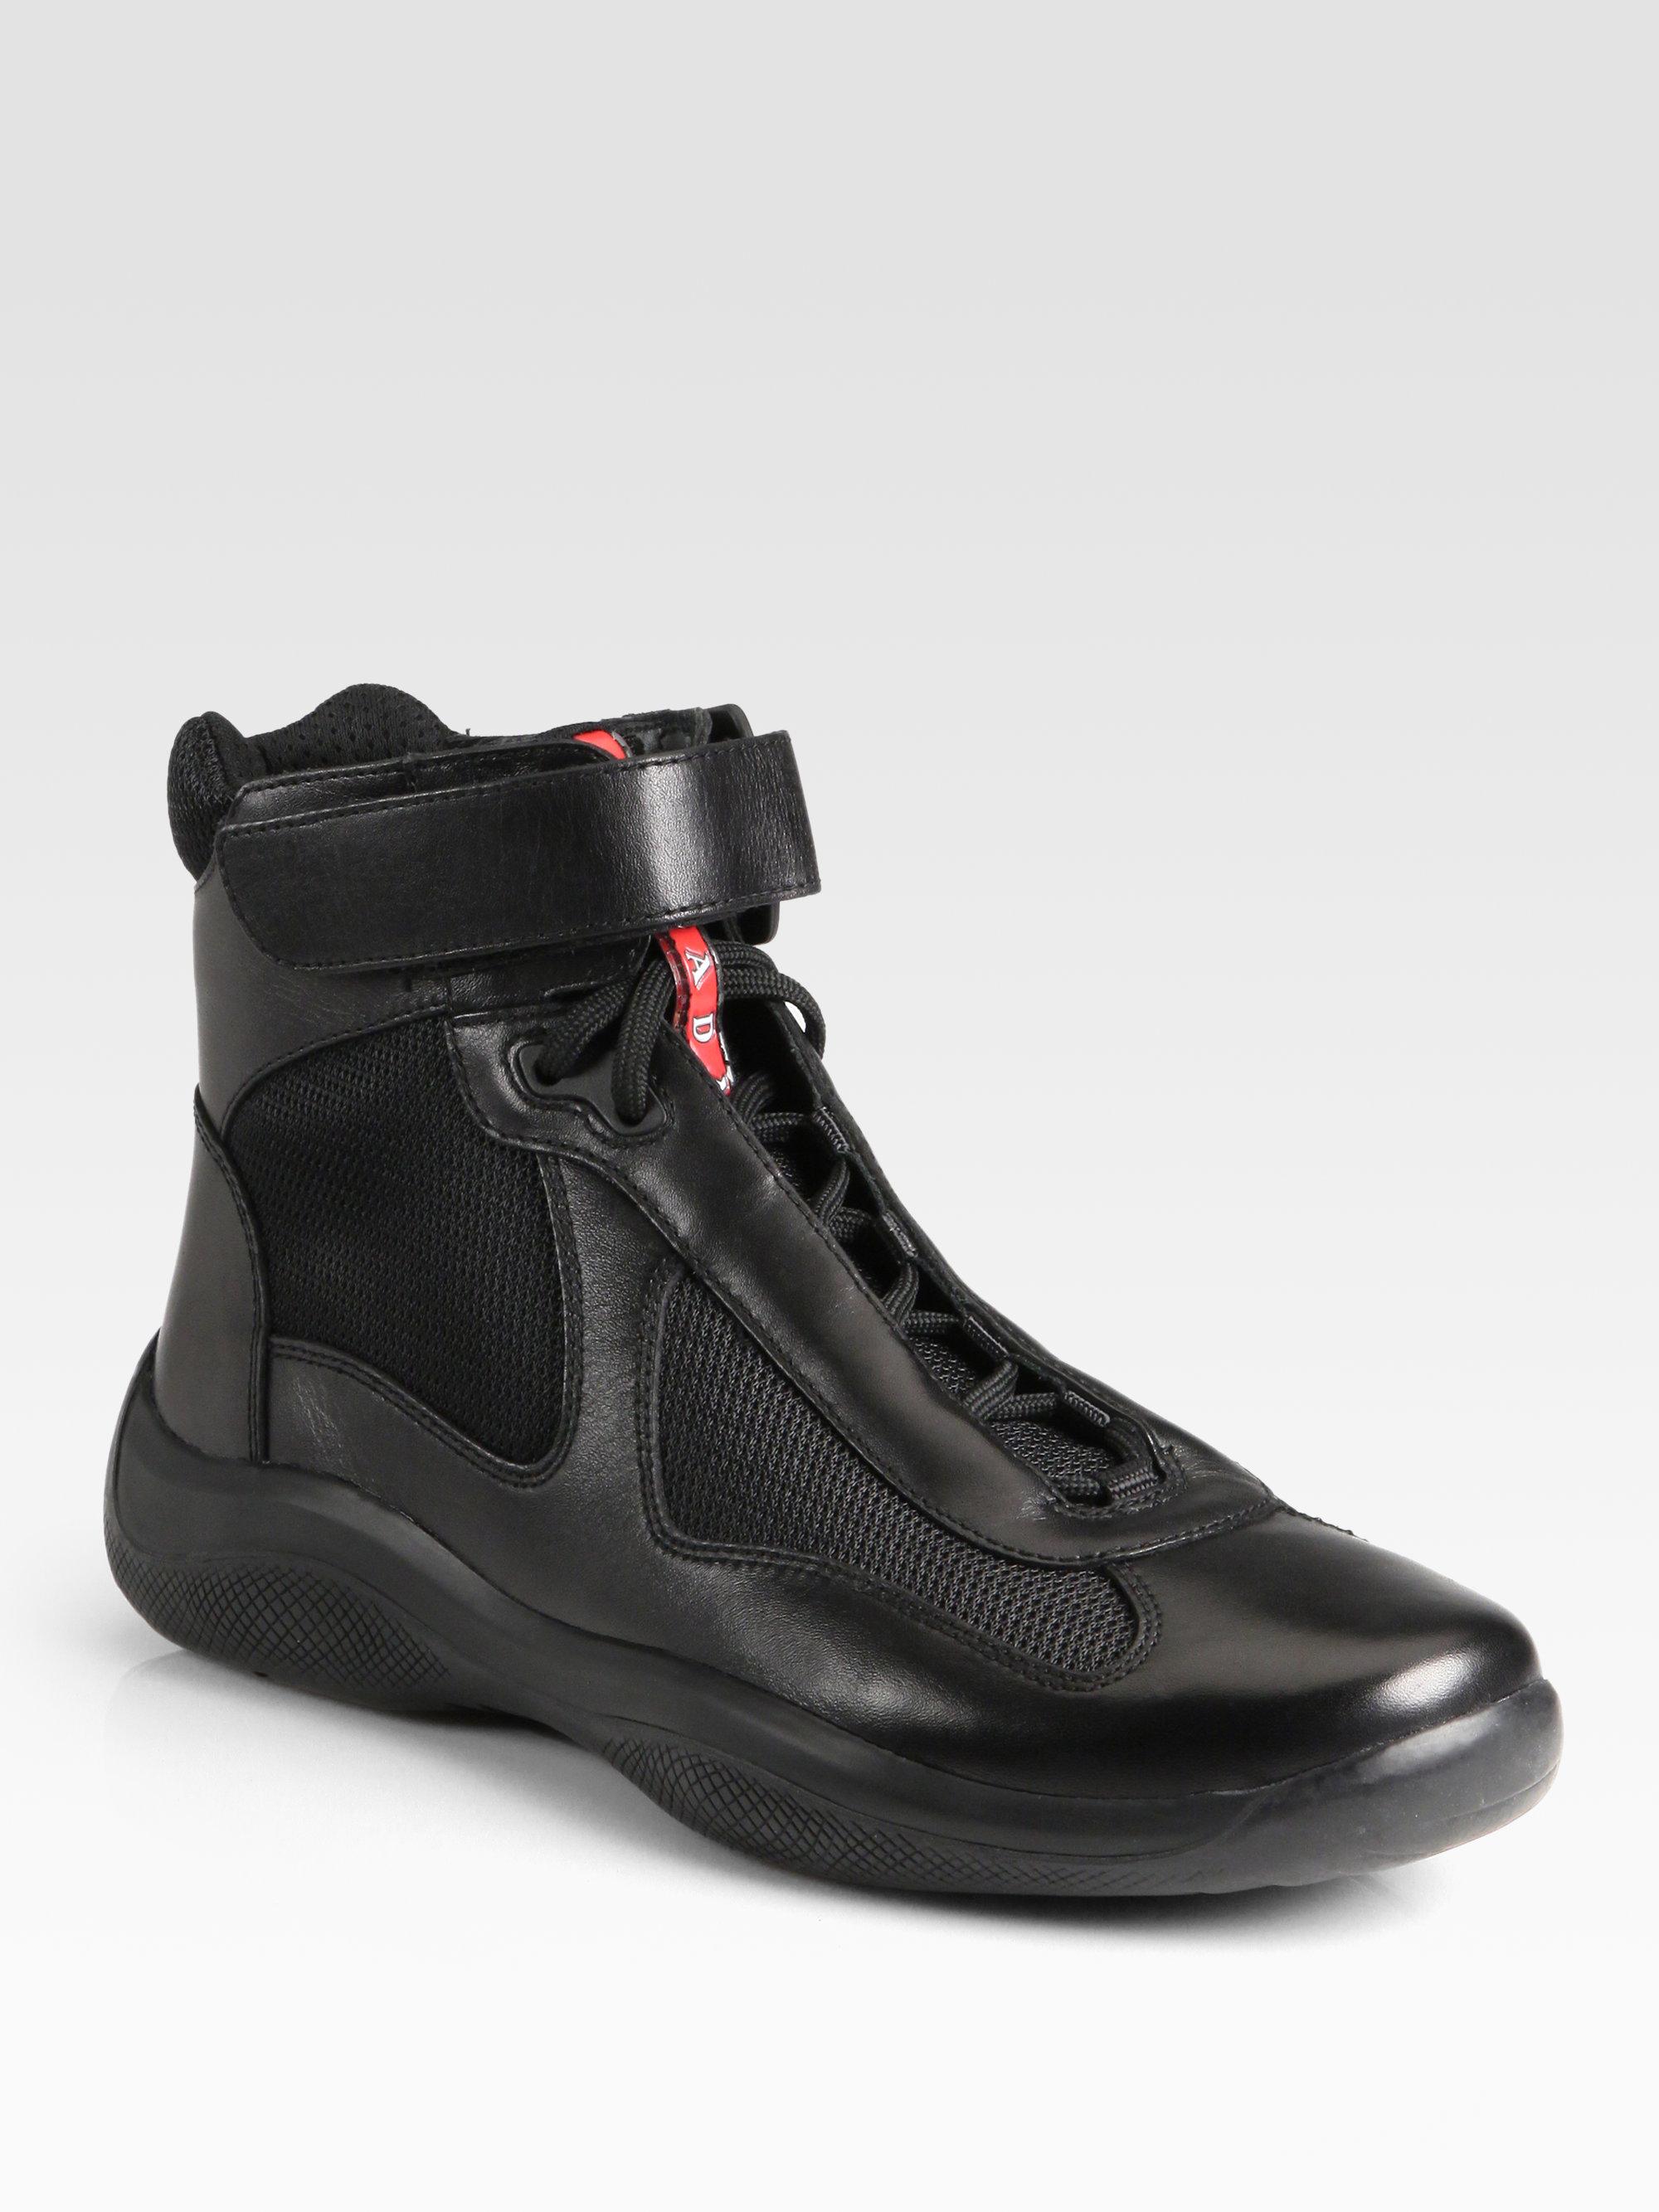 Avenue Ankle Inserts Sneakers Boots Silver In Prada Black Lyst OPXwZikuT